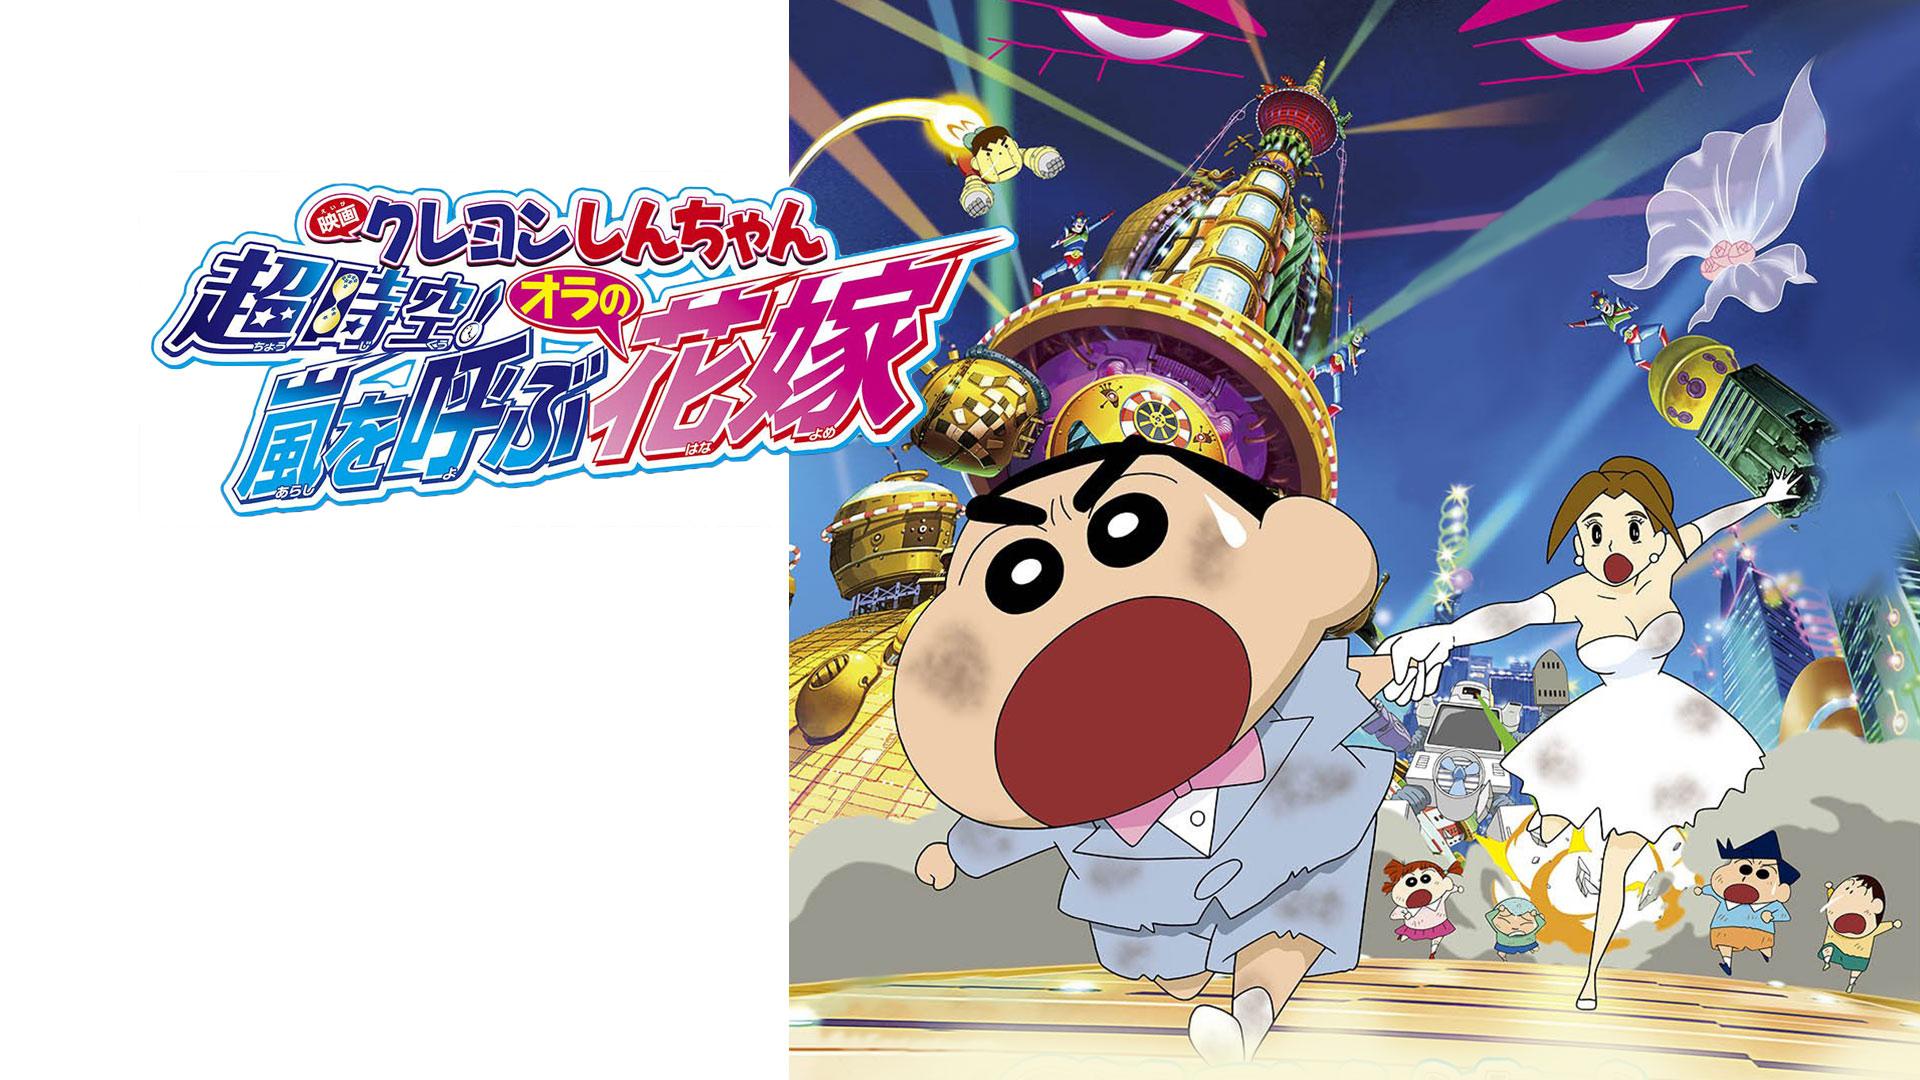 映画クレヨンしんちゃん 超時空!嵐を呼ぶオラの花嫁